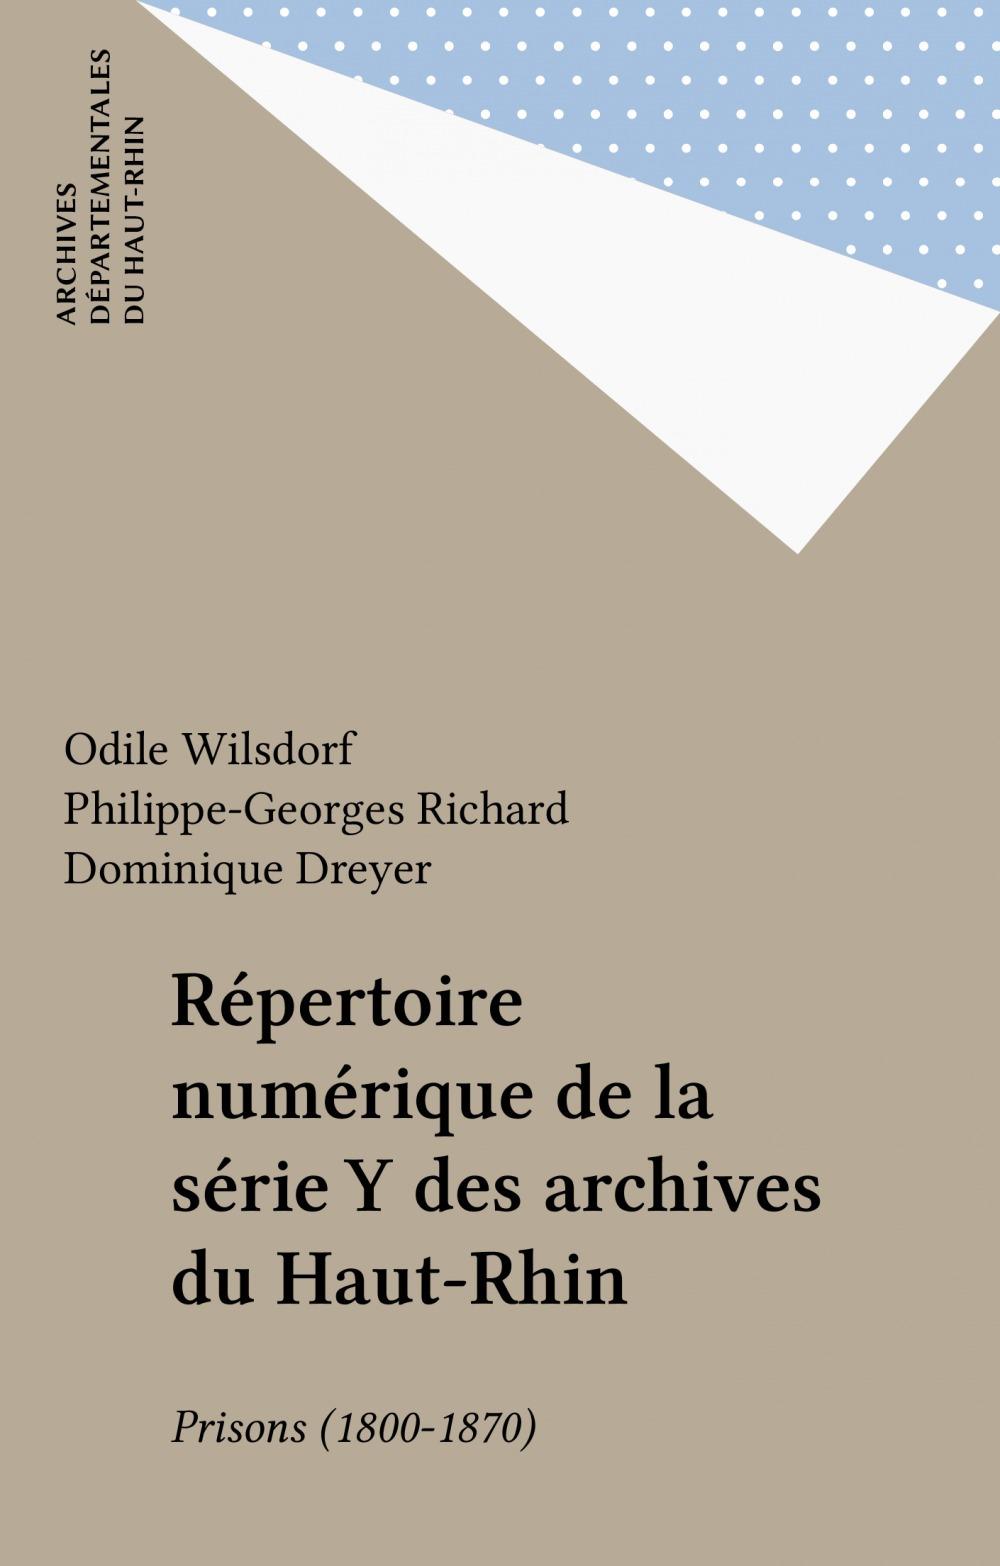 Répertoire numérique de la série Y des archives du Haut-Rhin